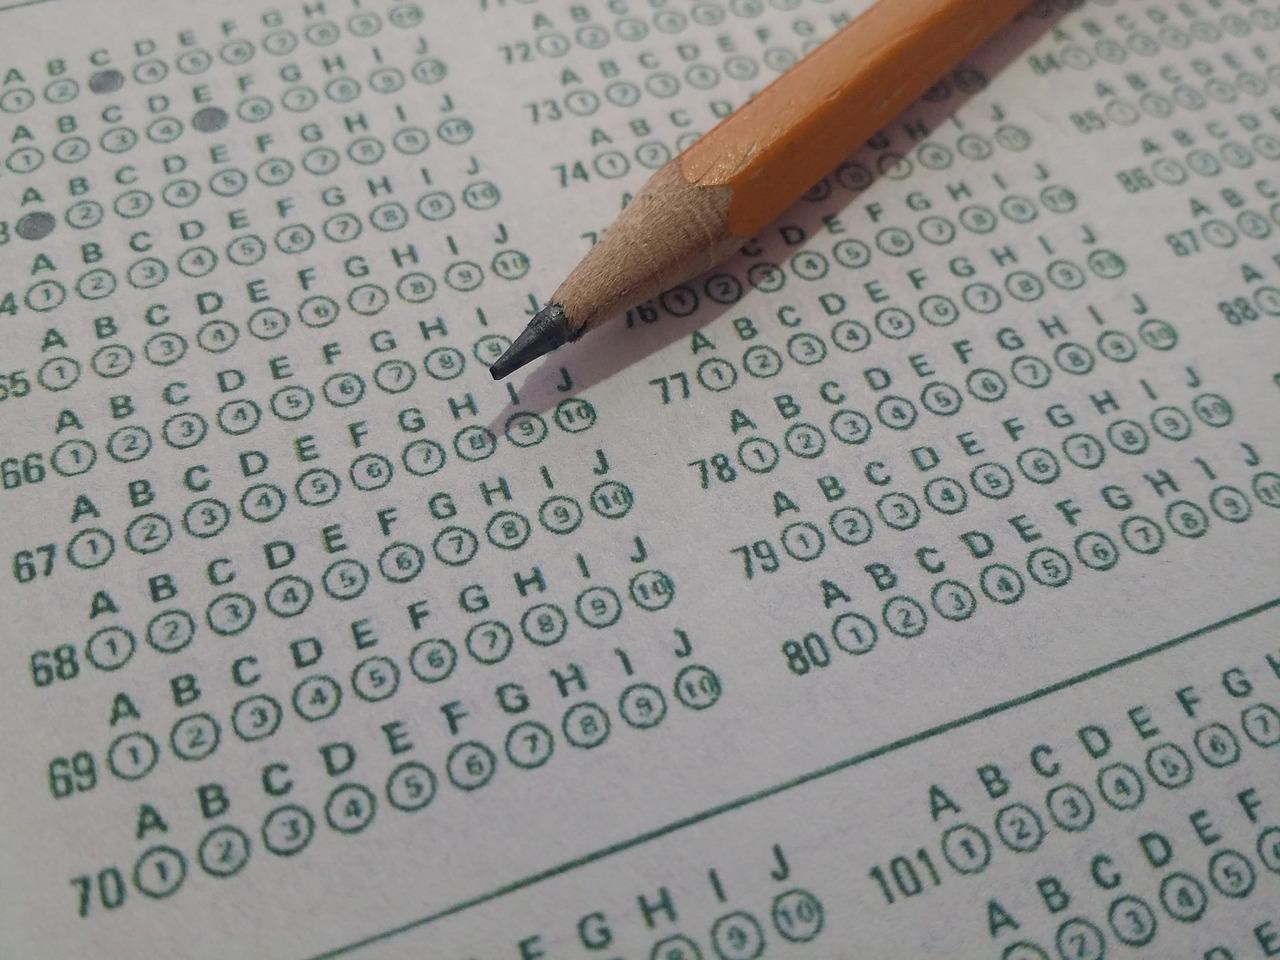 Kansas sees large drop in test scores